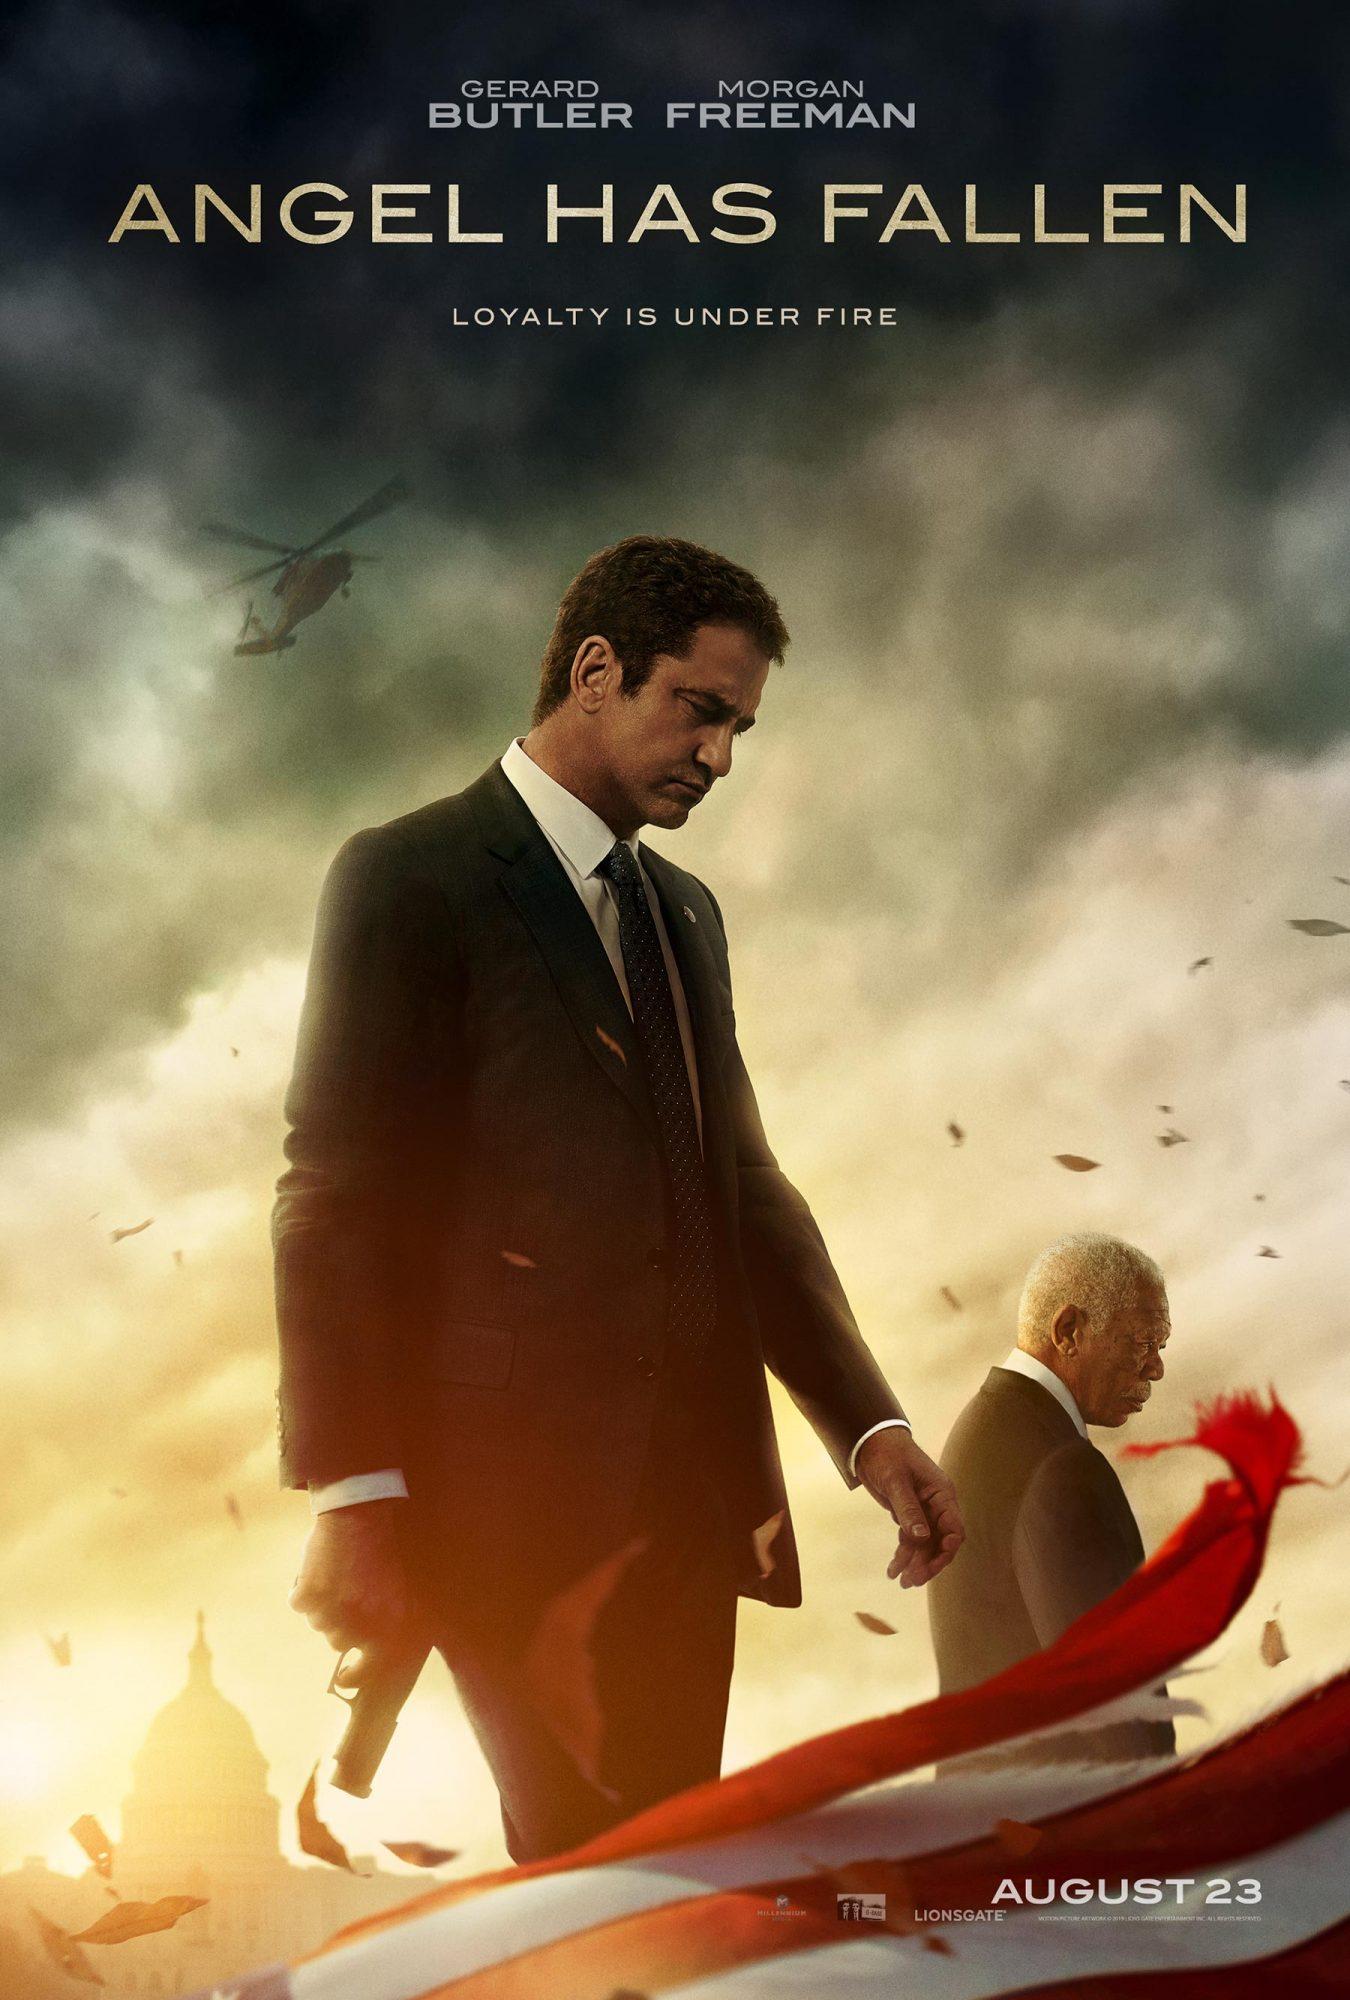 ANGEL HAS FALLEN key art CR: Lionsgate